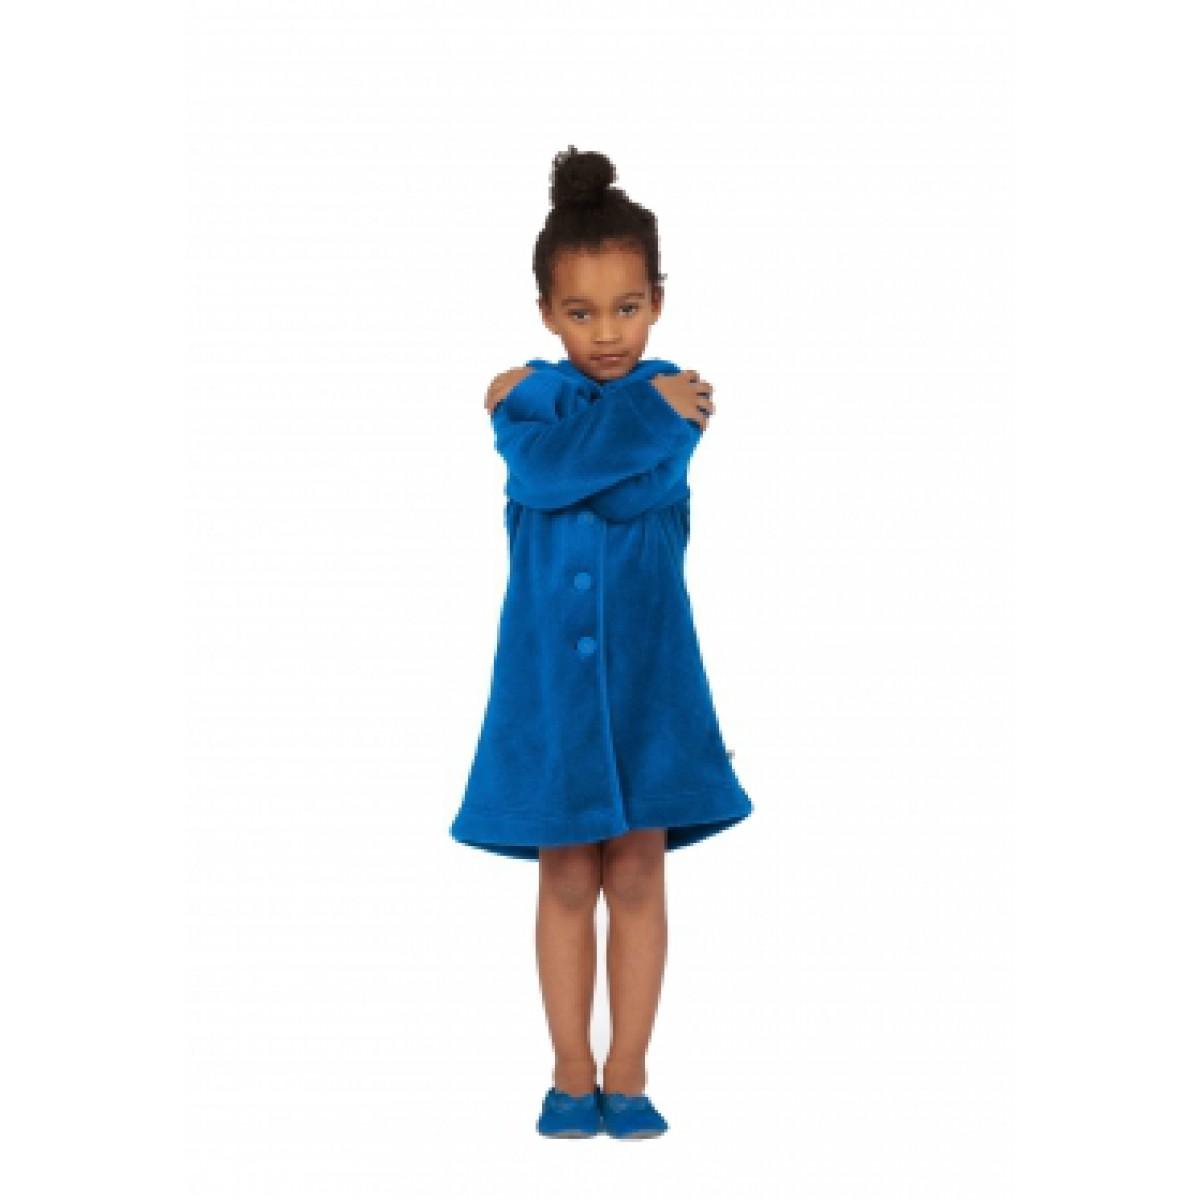 Woody kinderbadjassen online bestellen